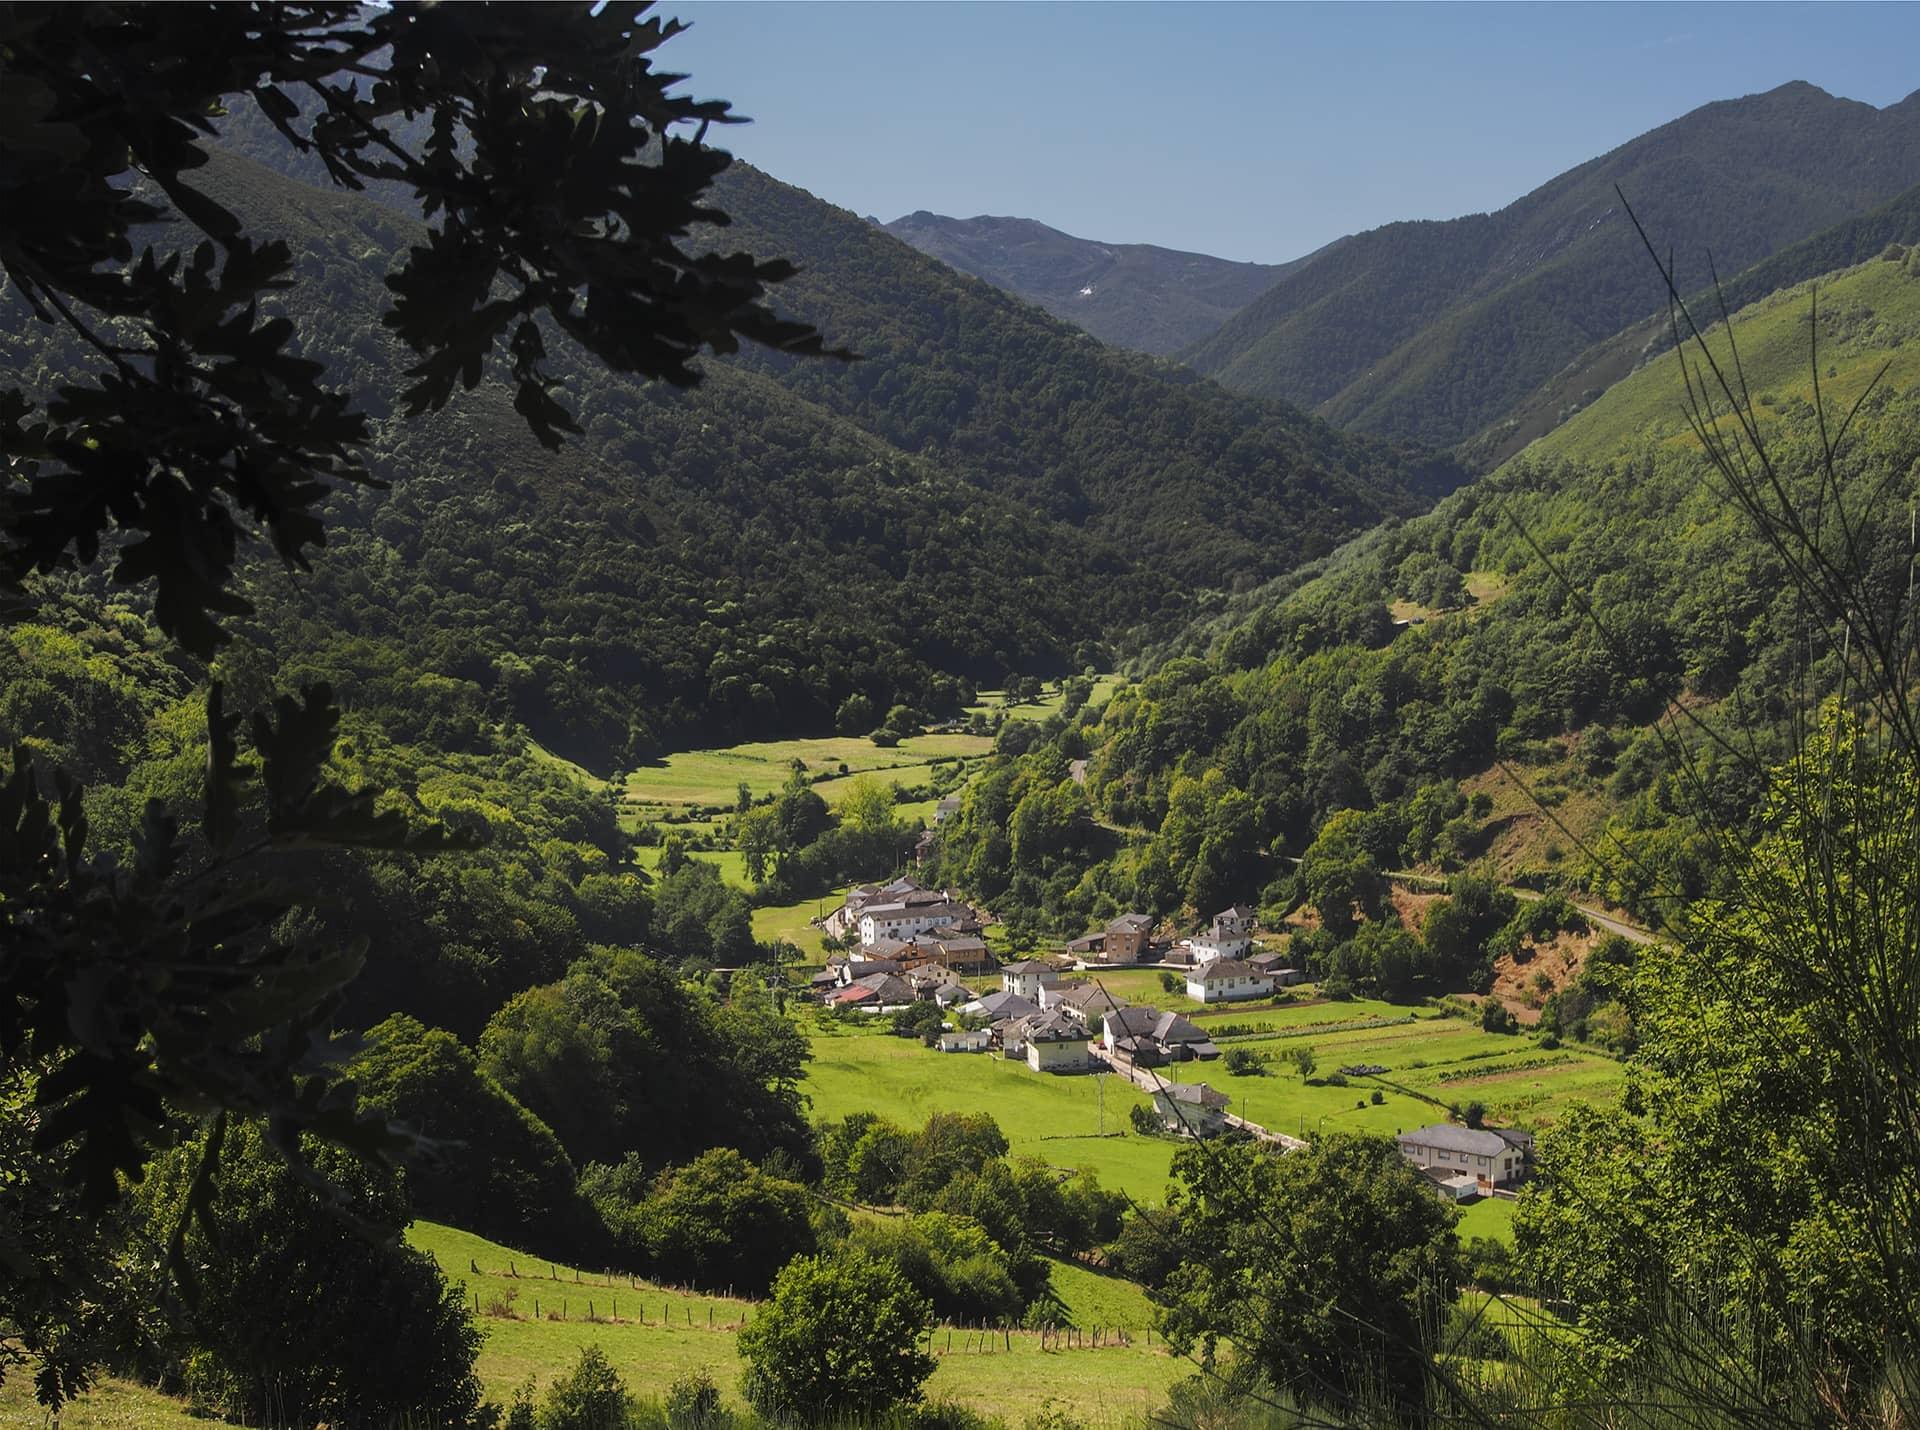 Asociación de Turismo Rural Fuentes del Narcea